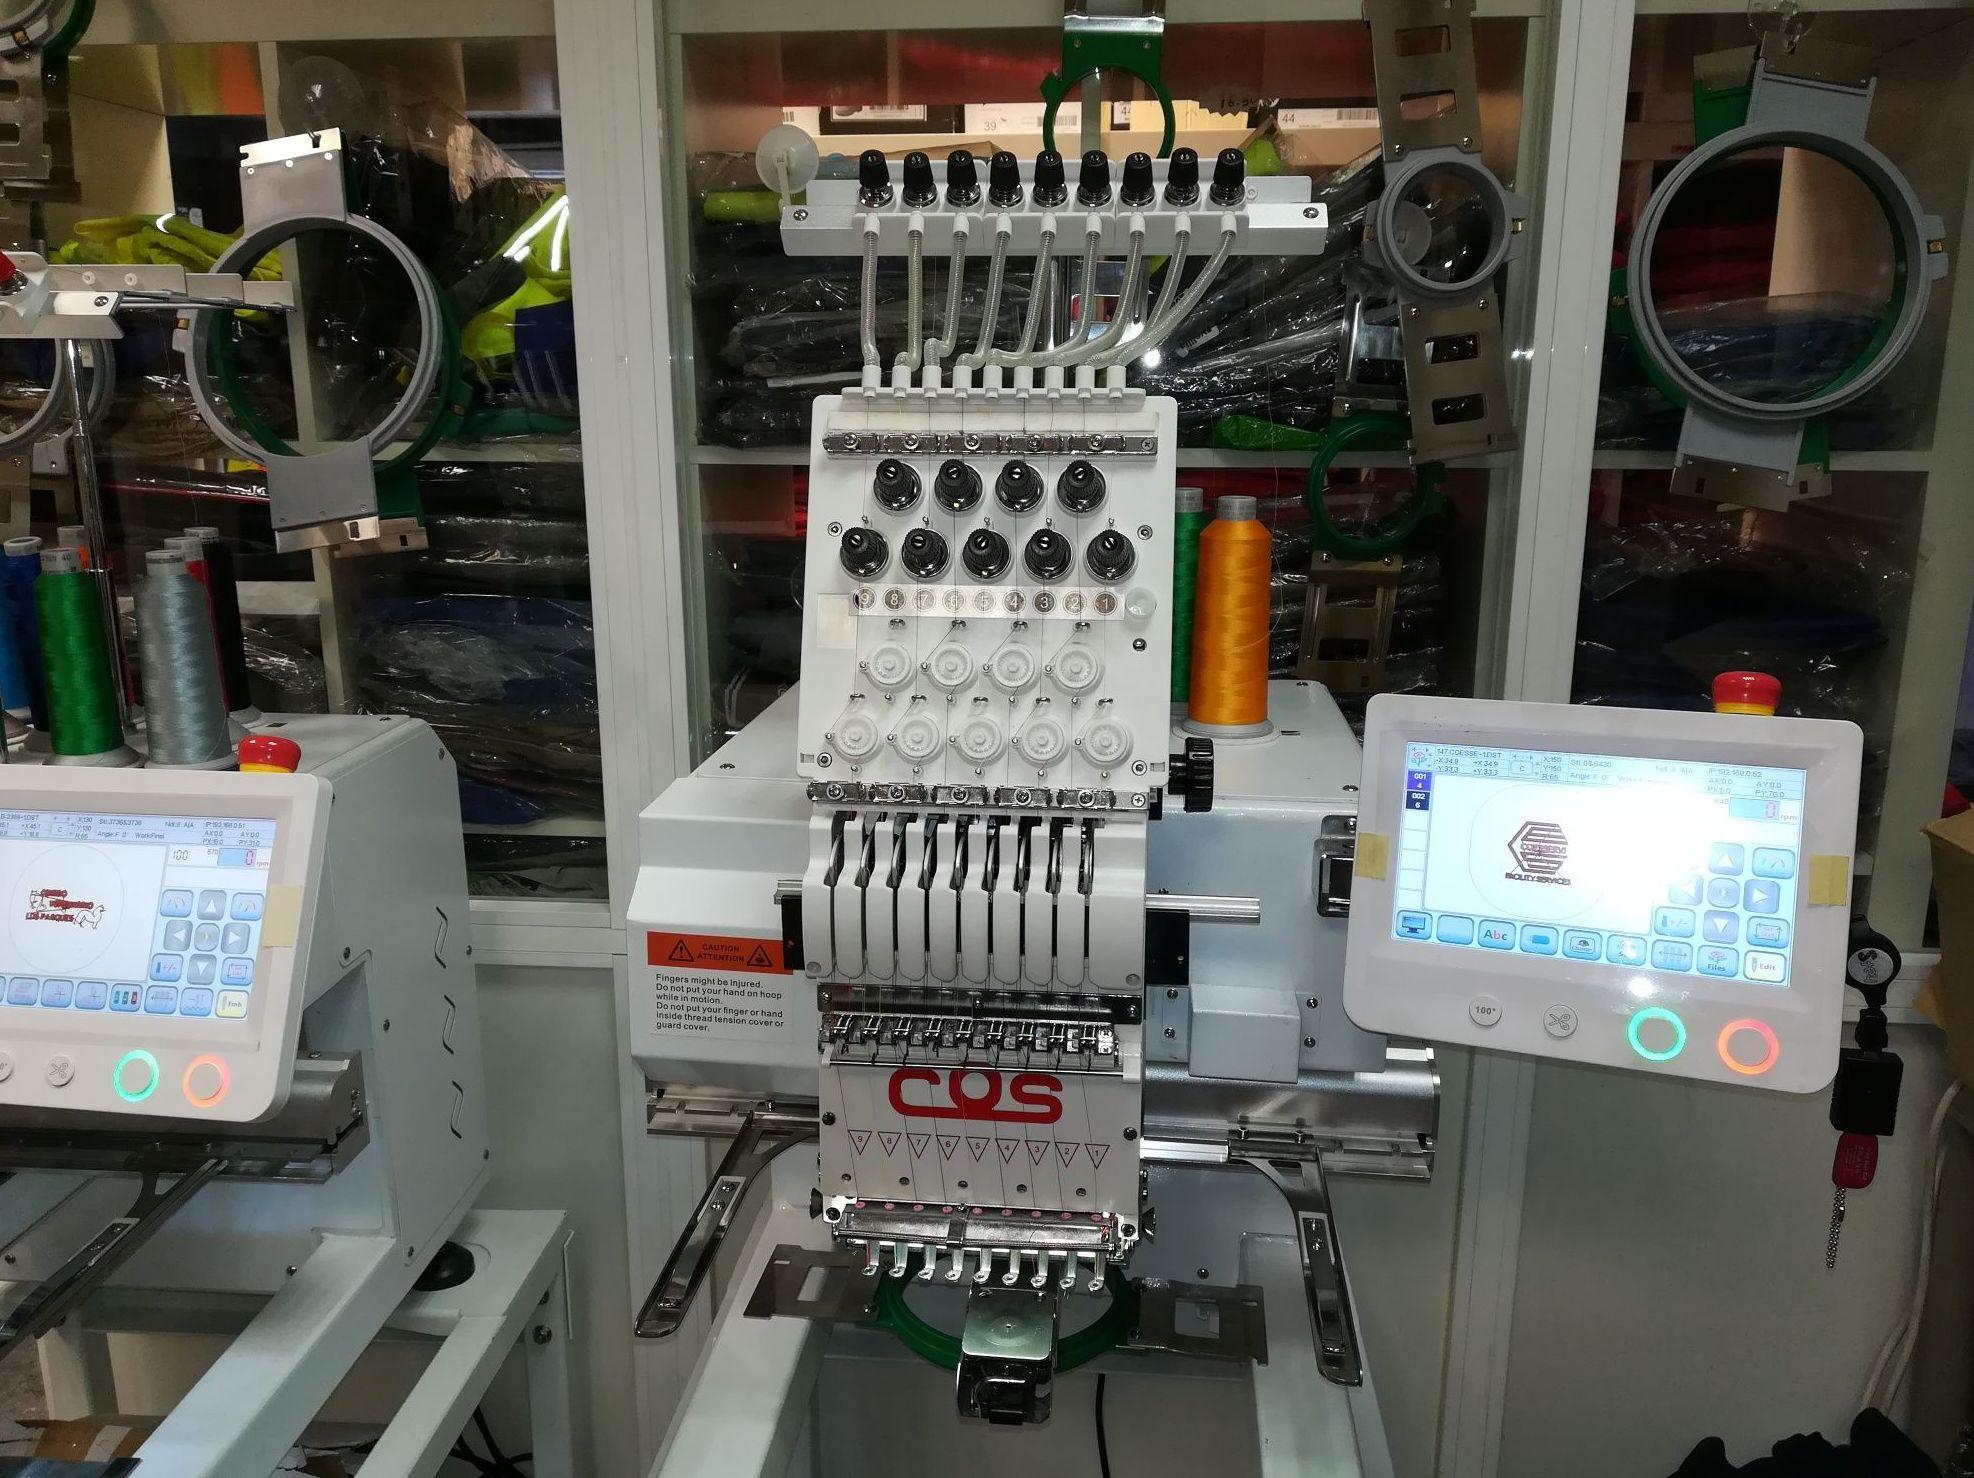 Foto 2 de Ropa de trabajo y uniformes en Getafe | Prolabor/Madrid